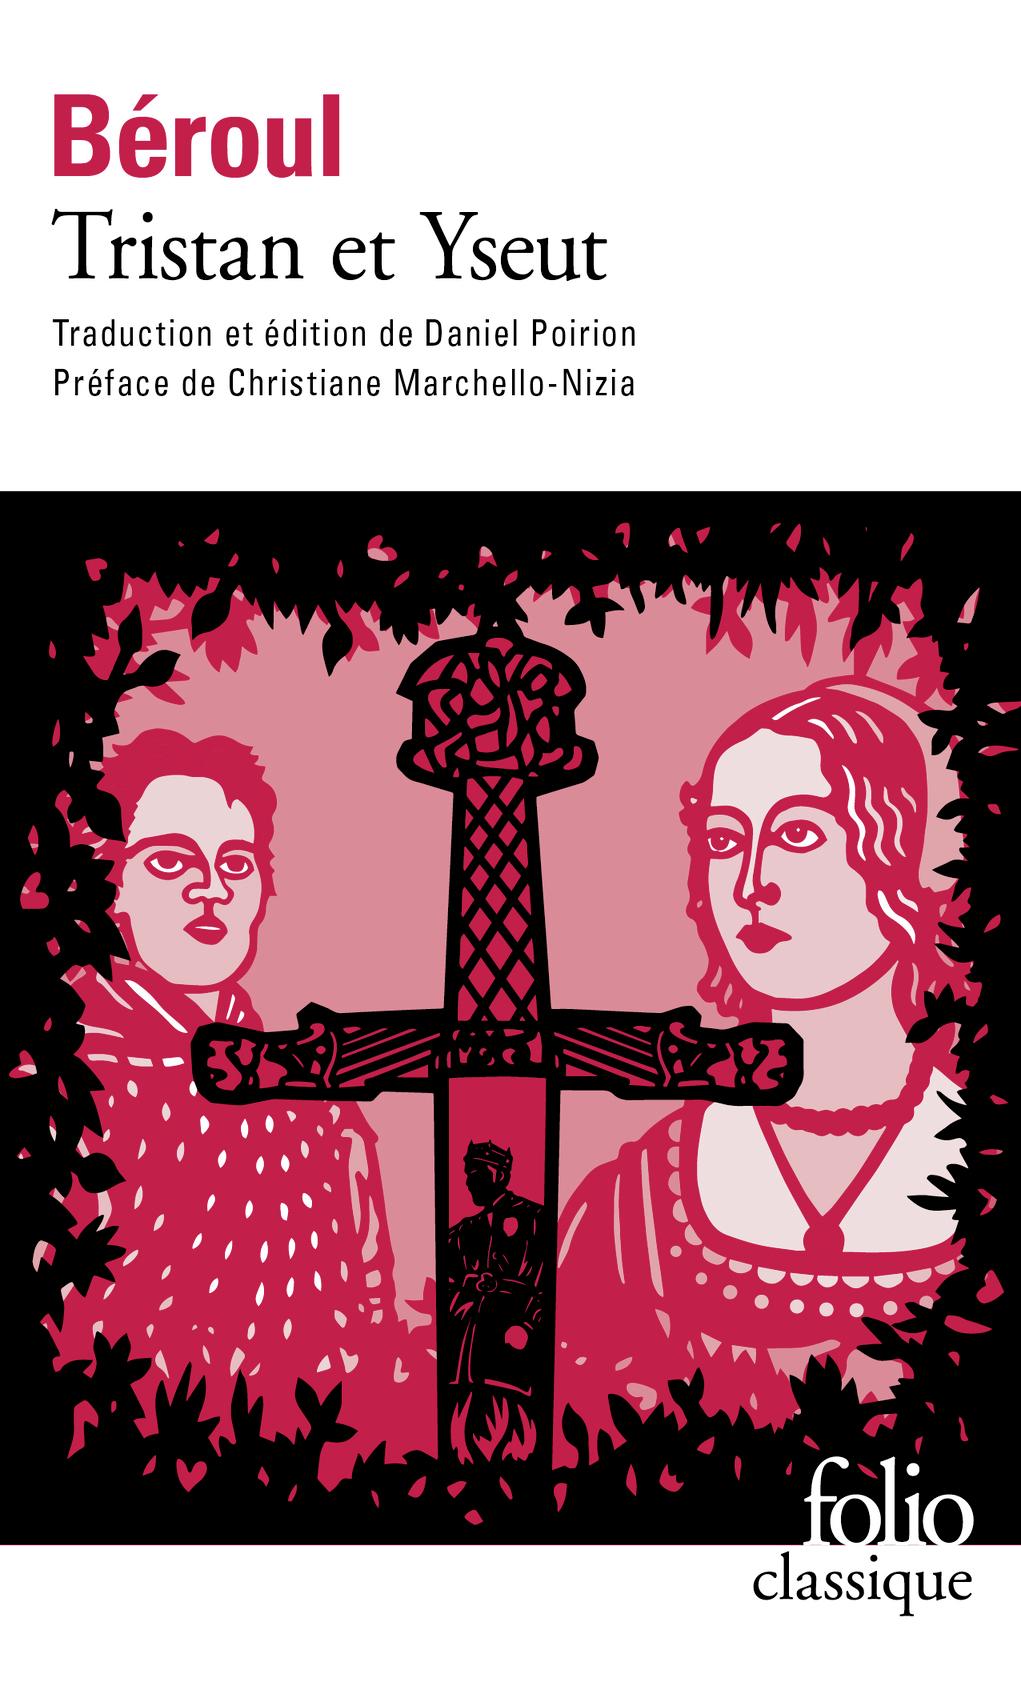 Béroul, Tristan et Yseut (Folio Classique)